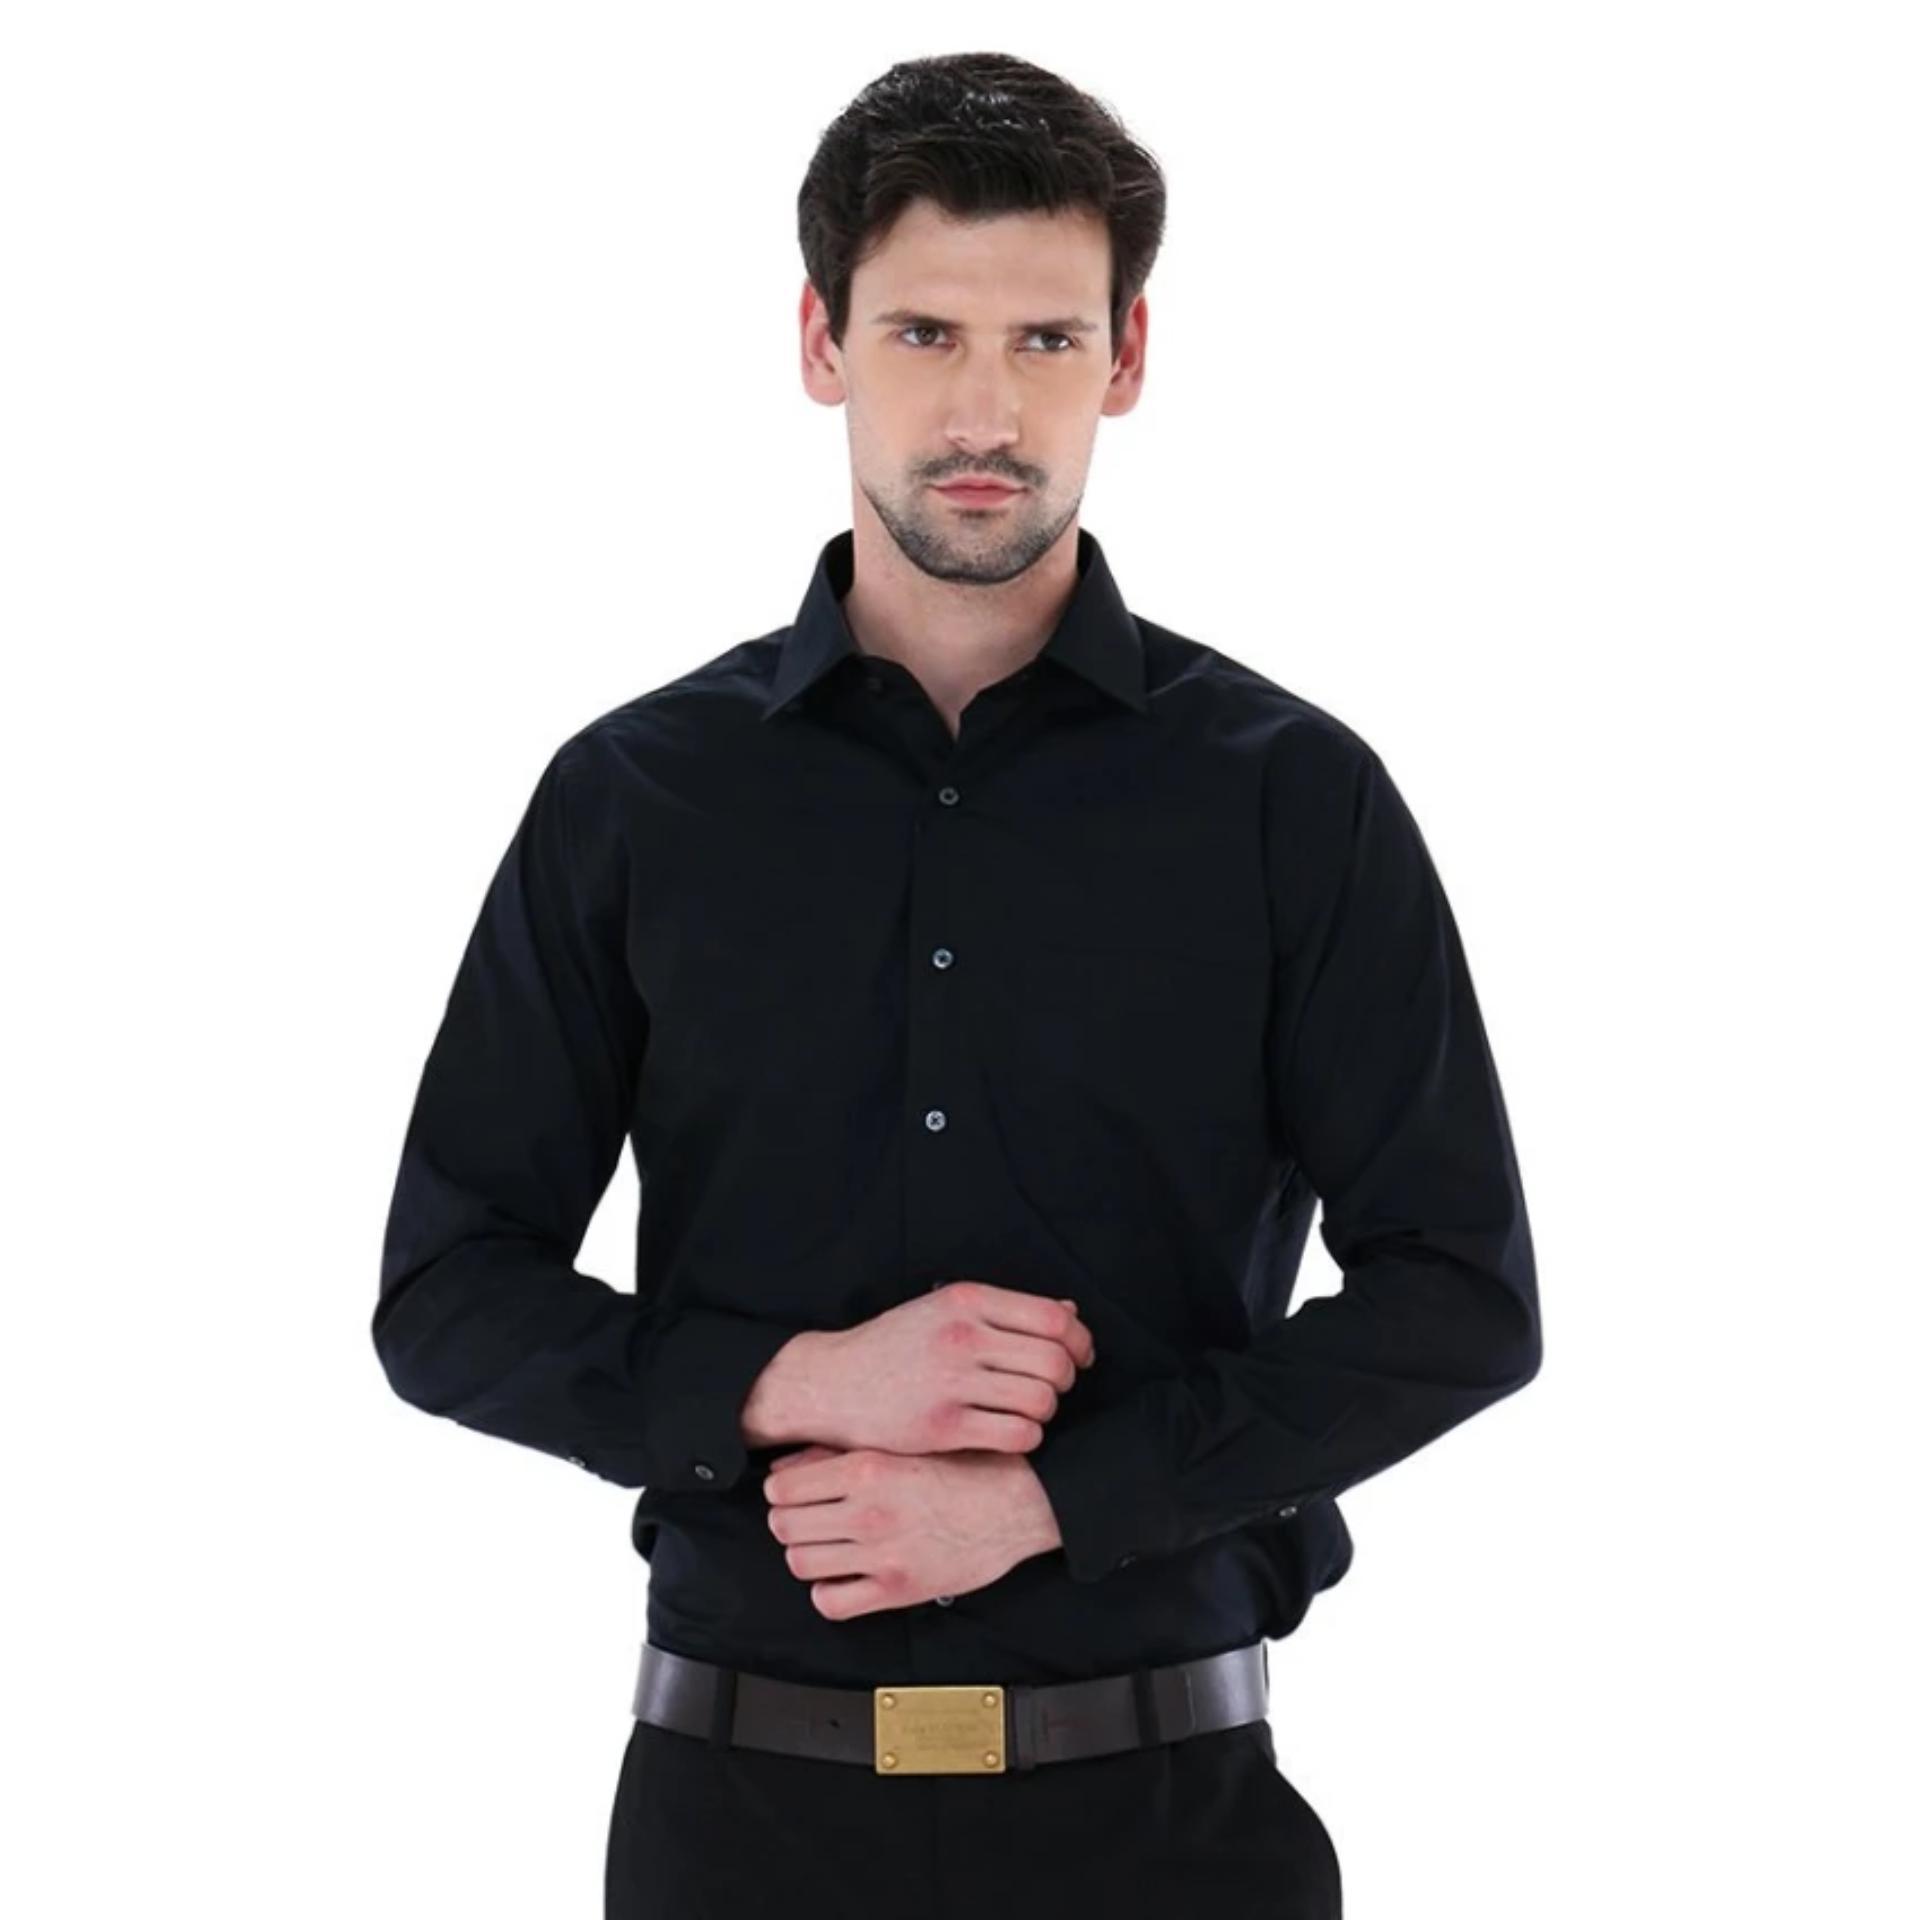 Spesifikasi Kemeja Pria Alisan Panjang Hitam Slimfit Baru